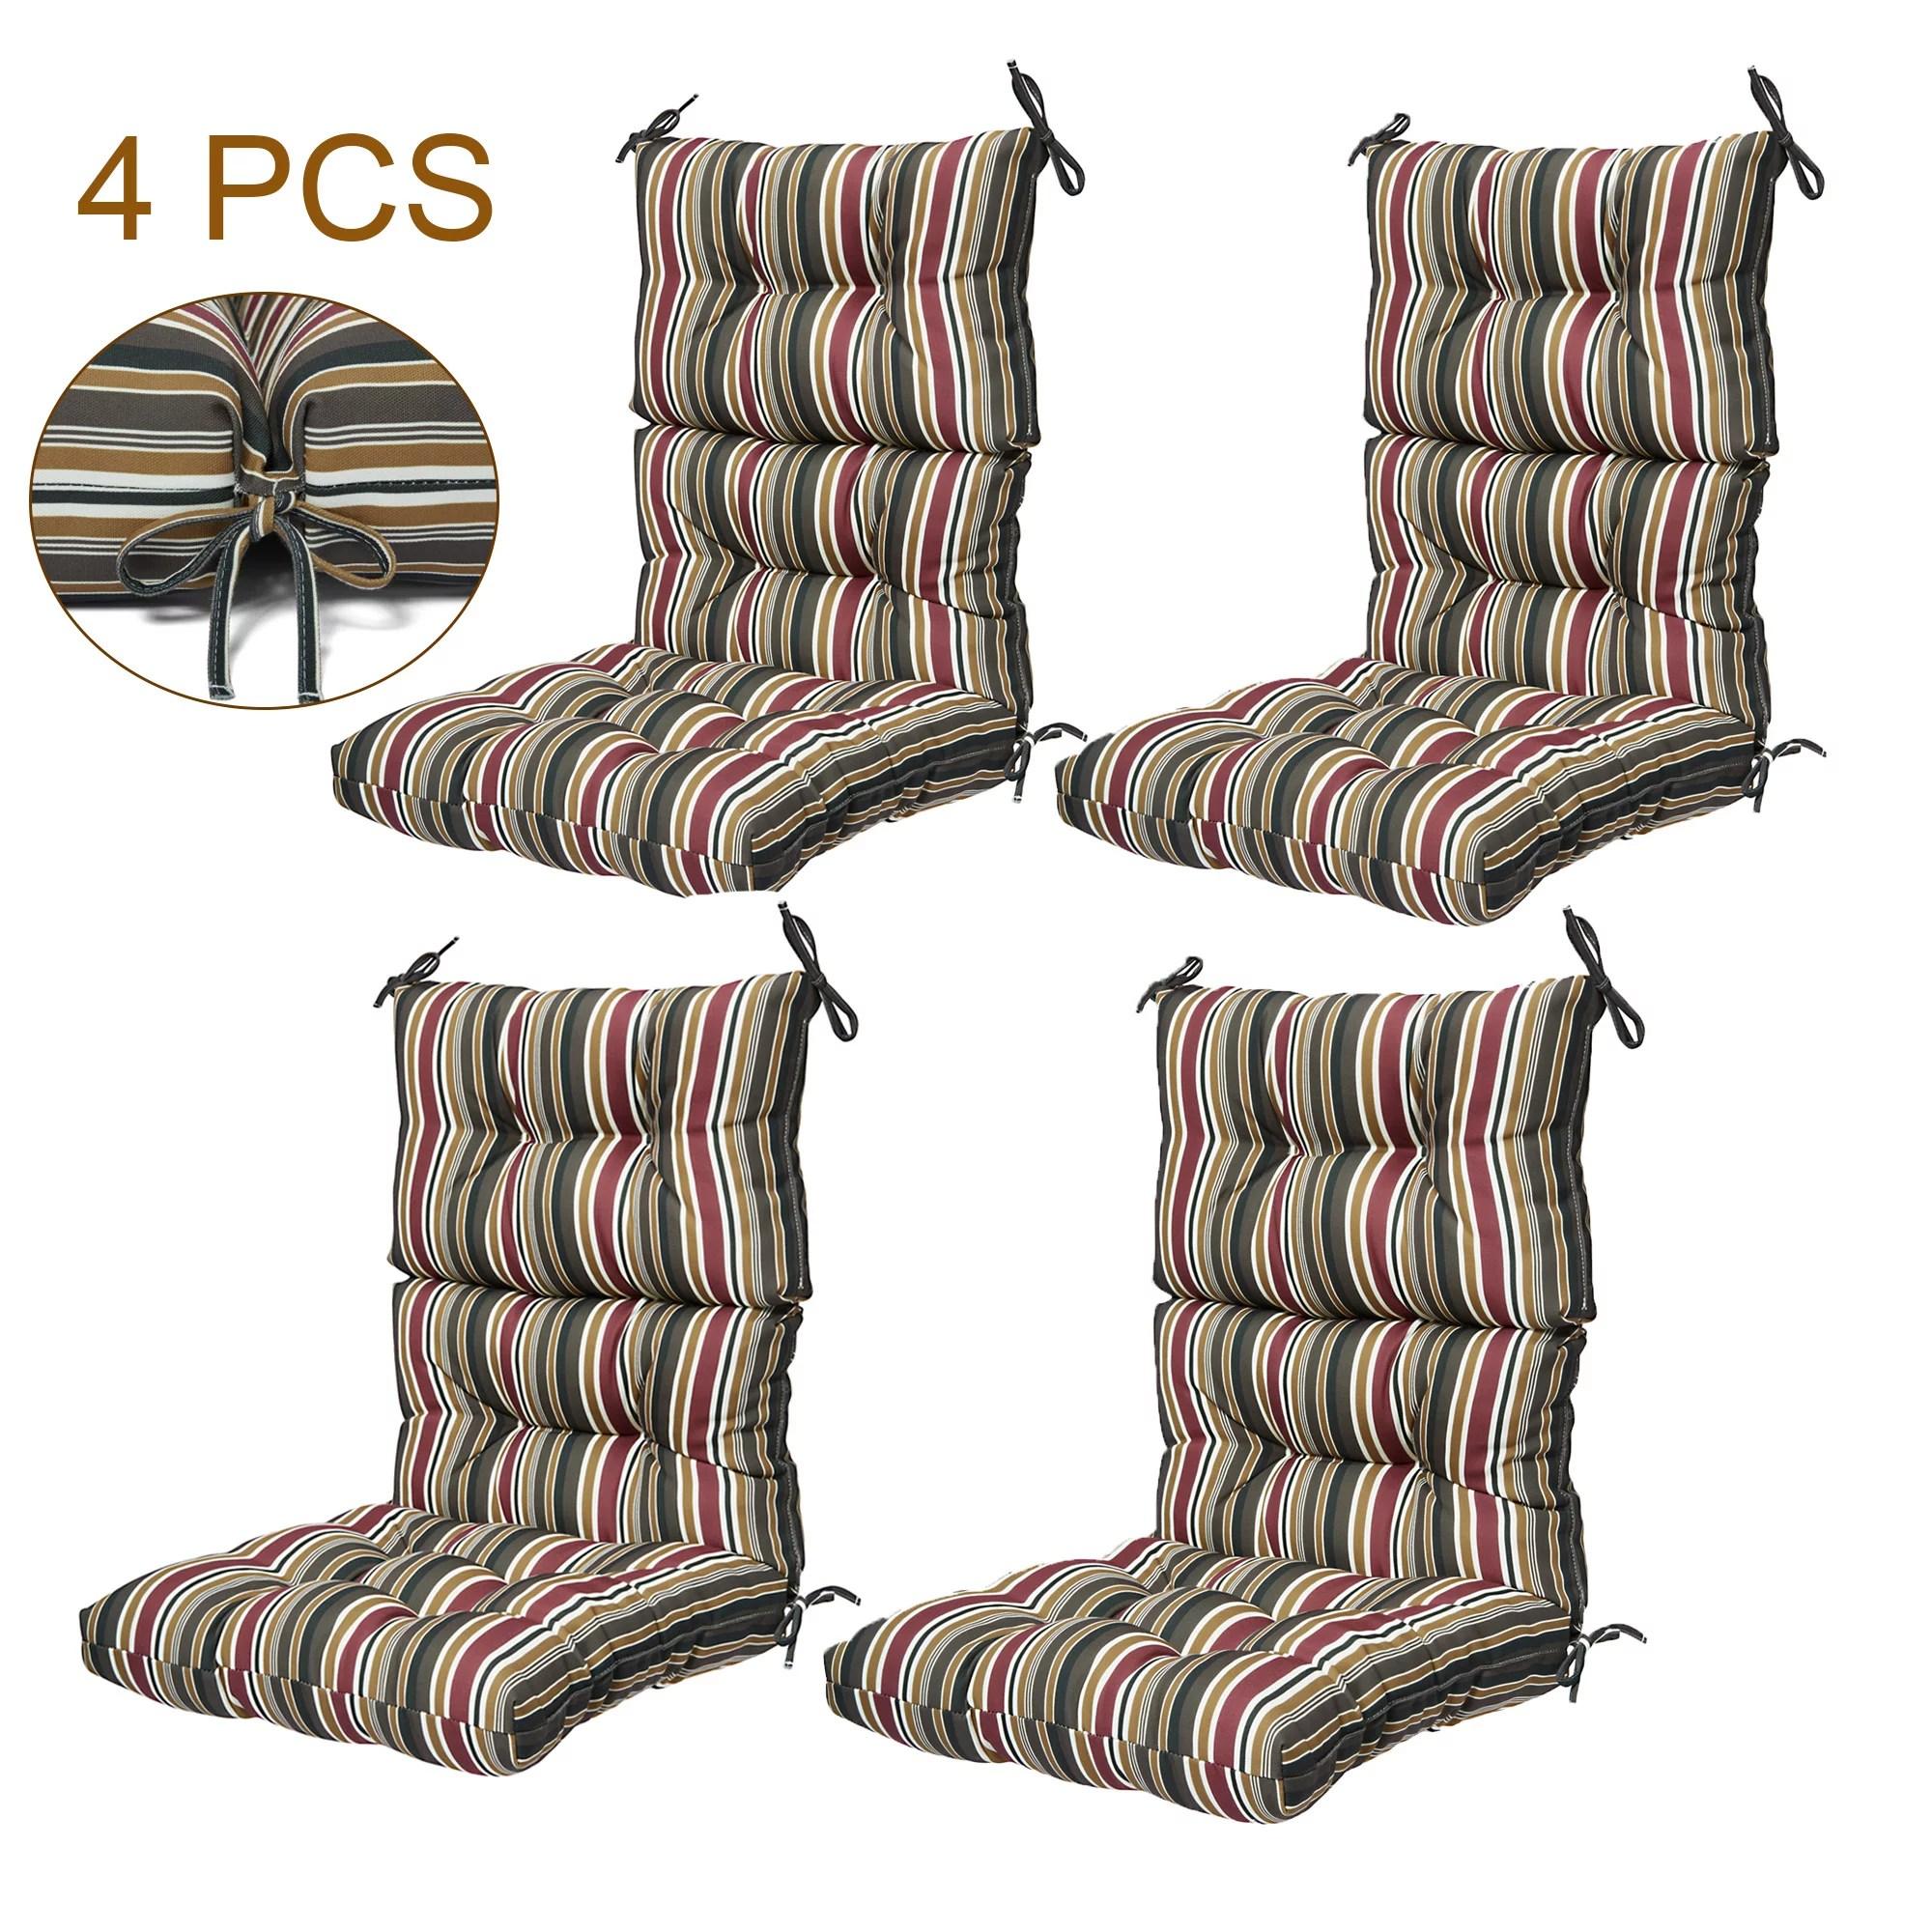 44x21 inch outdoor chair cushion 4pcs high back chair cushions patio garden high rebound foam chair cushion waterproof polyester seat cushions or